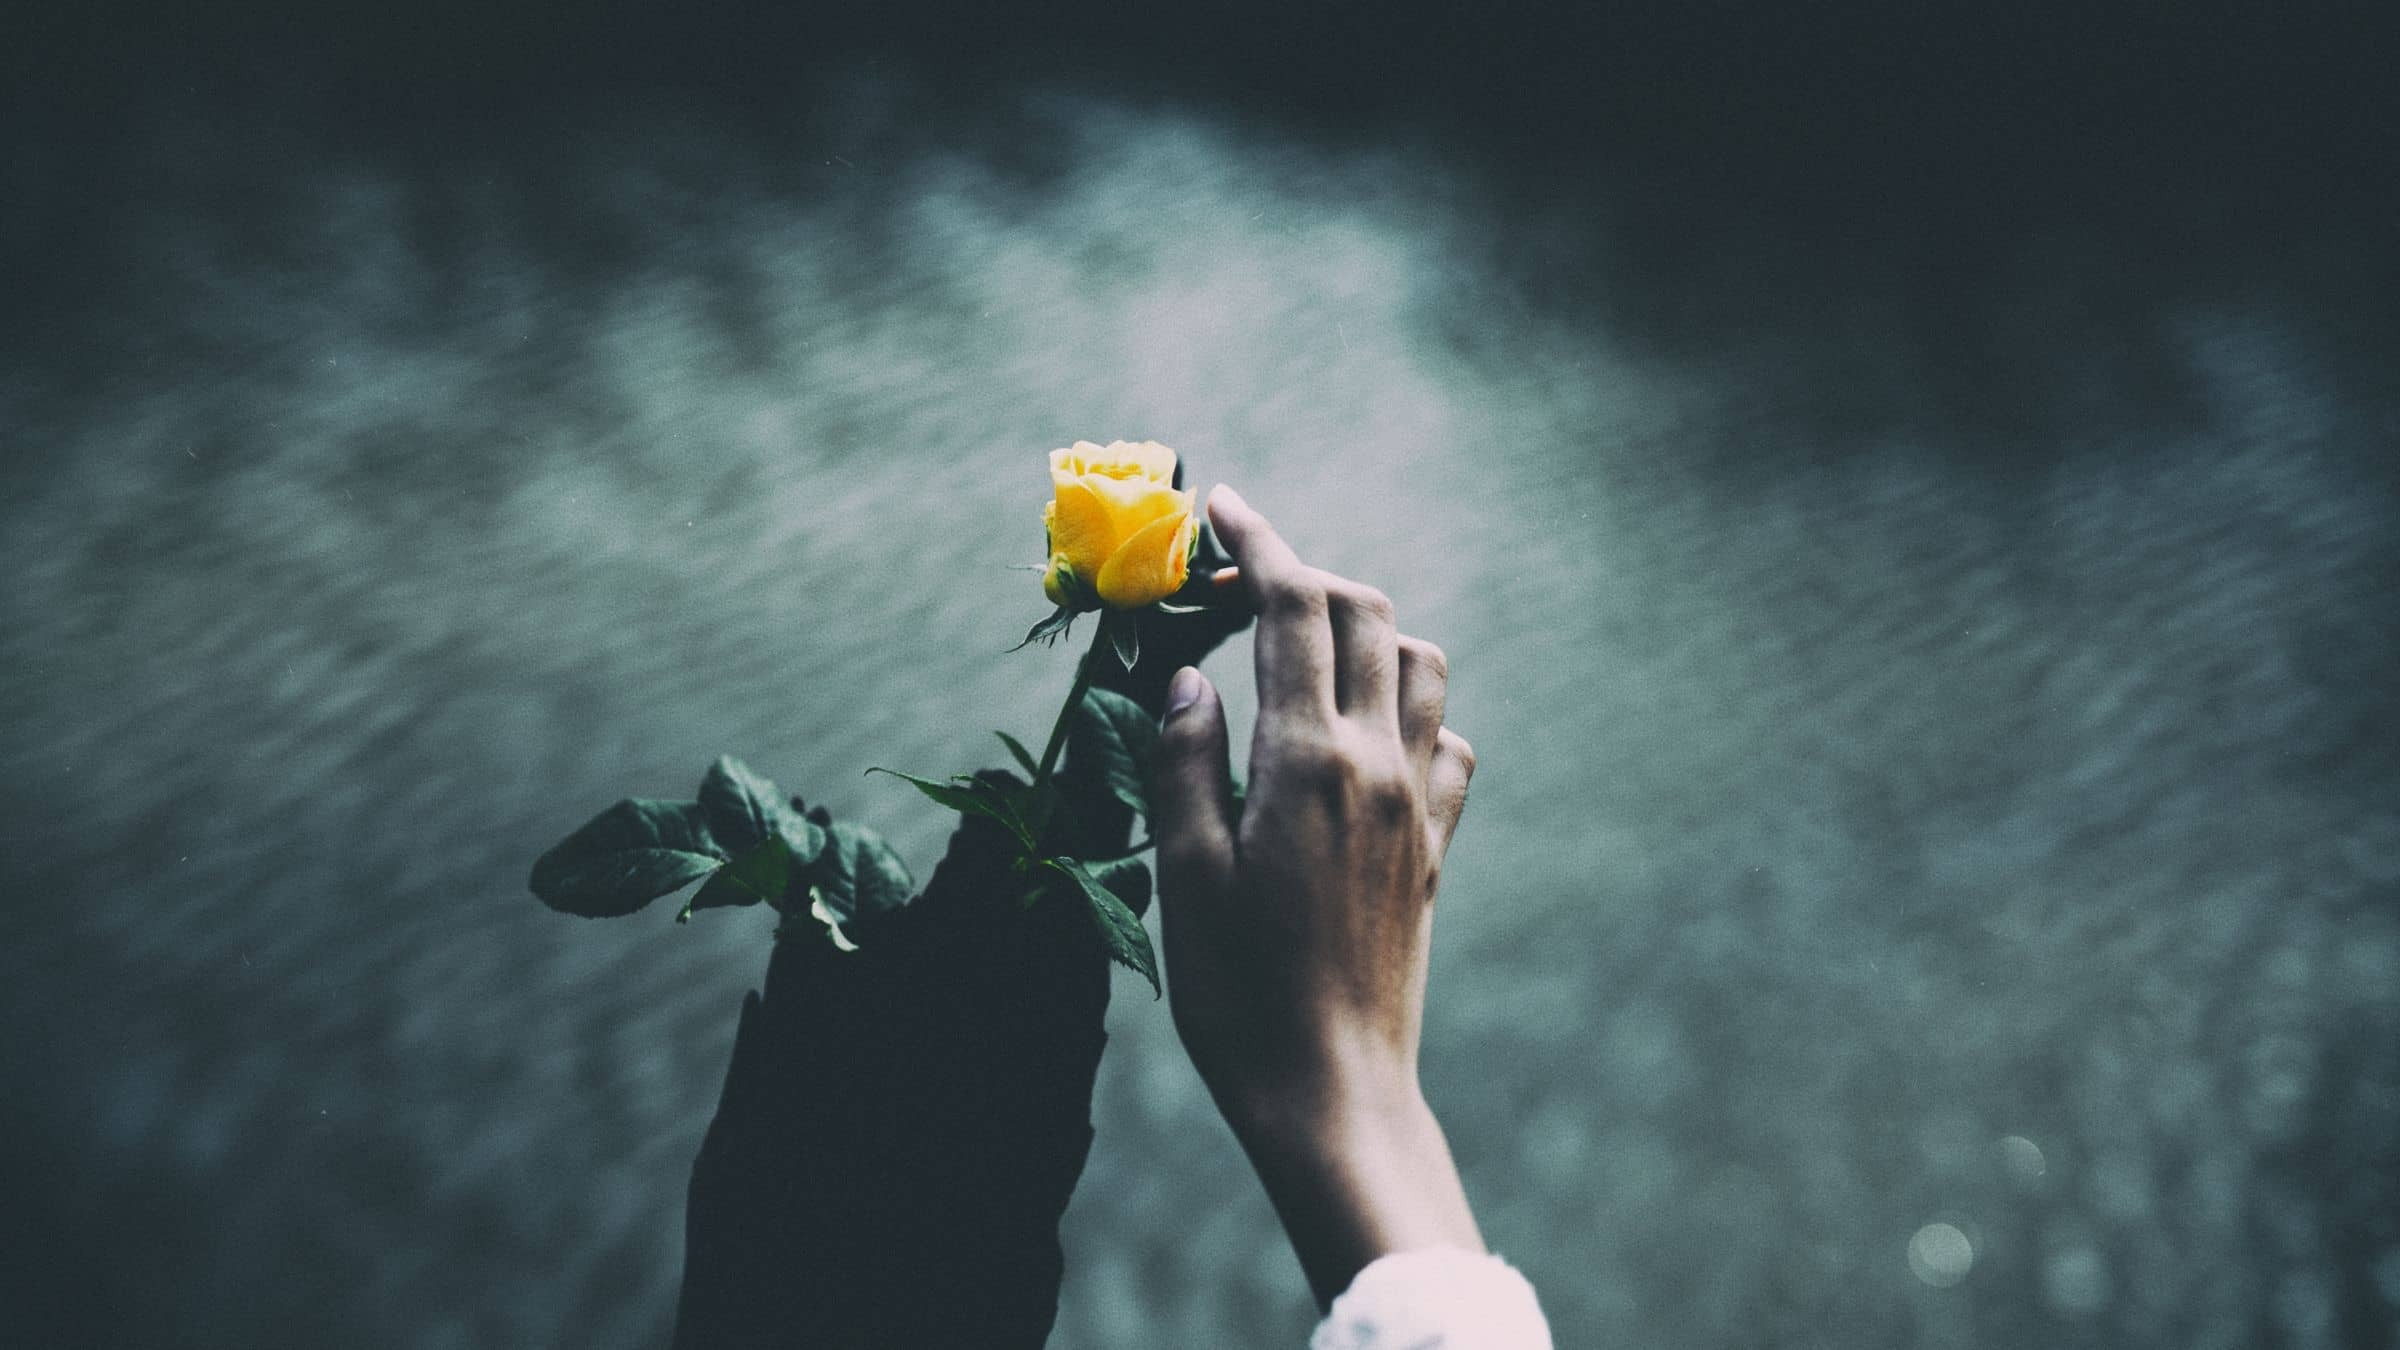 The Revelation of the Golden Rose